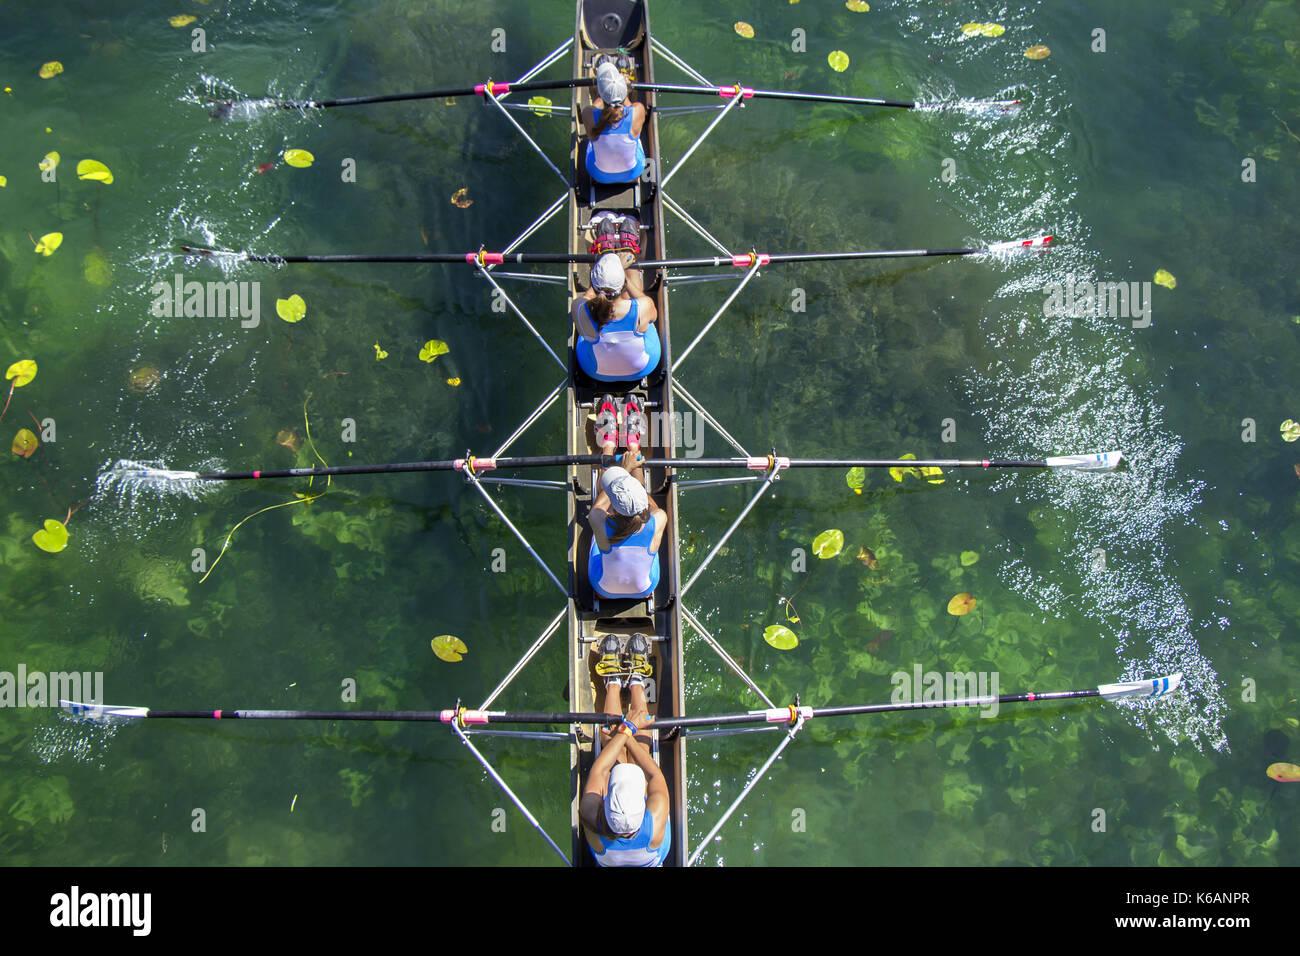 Onorevoli colleghe a quattro zampe per la squadra di canottaggio in gara sul lago Immagini Stock